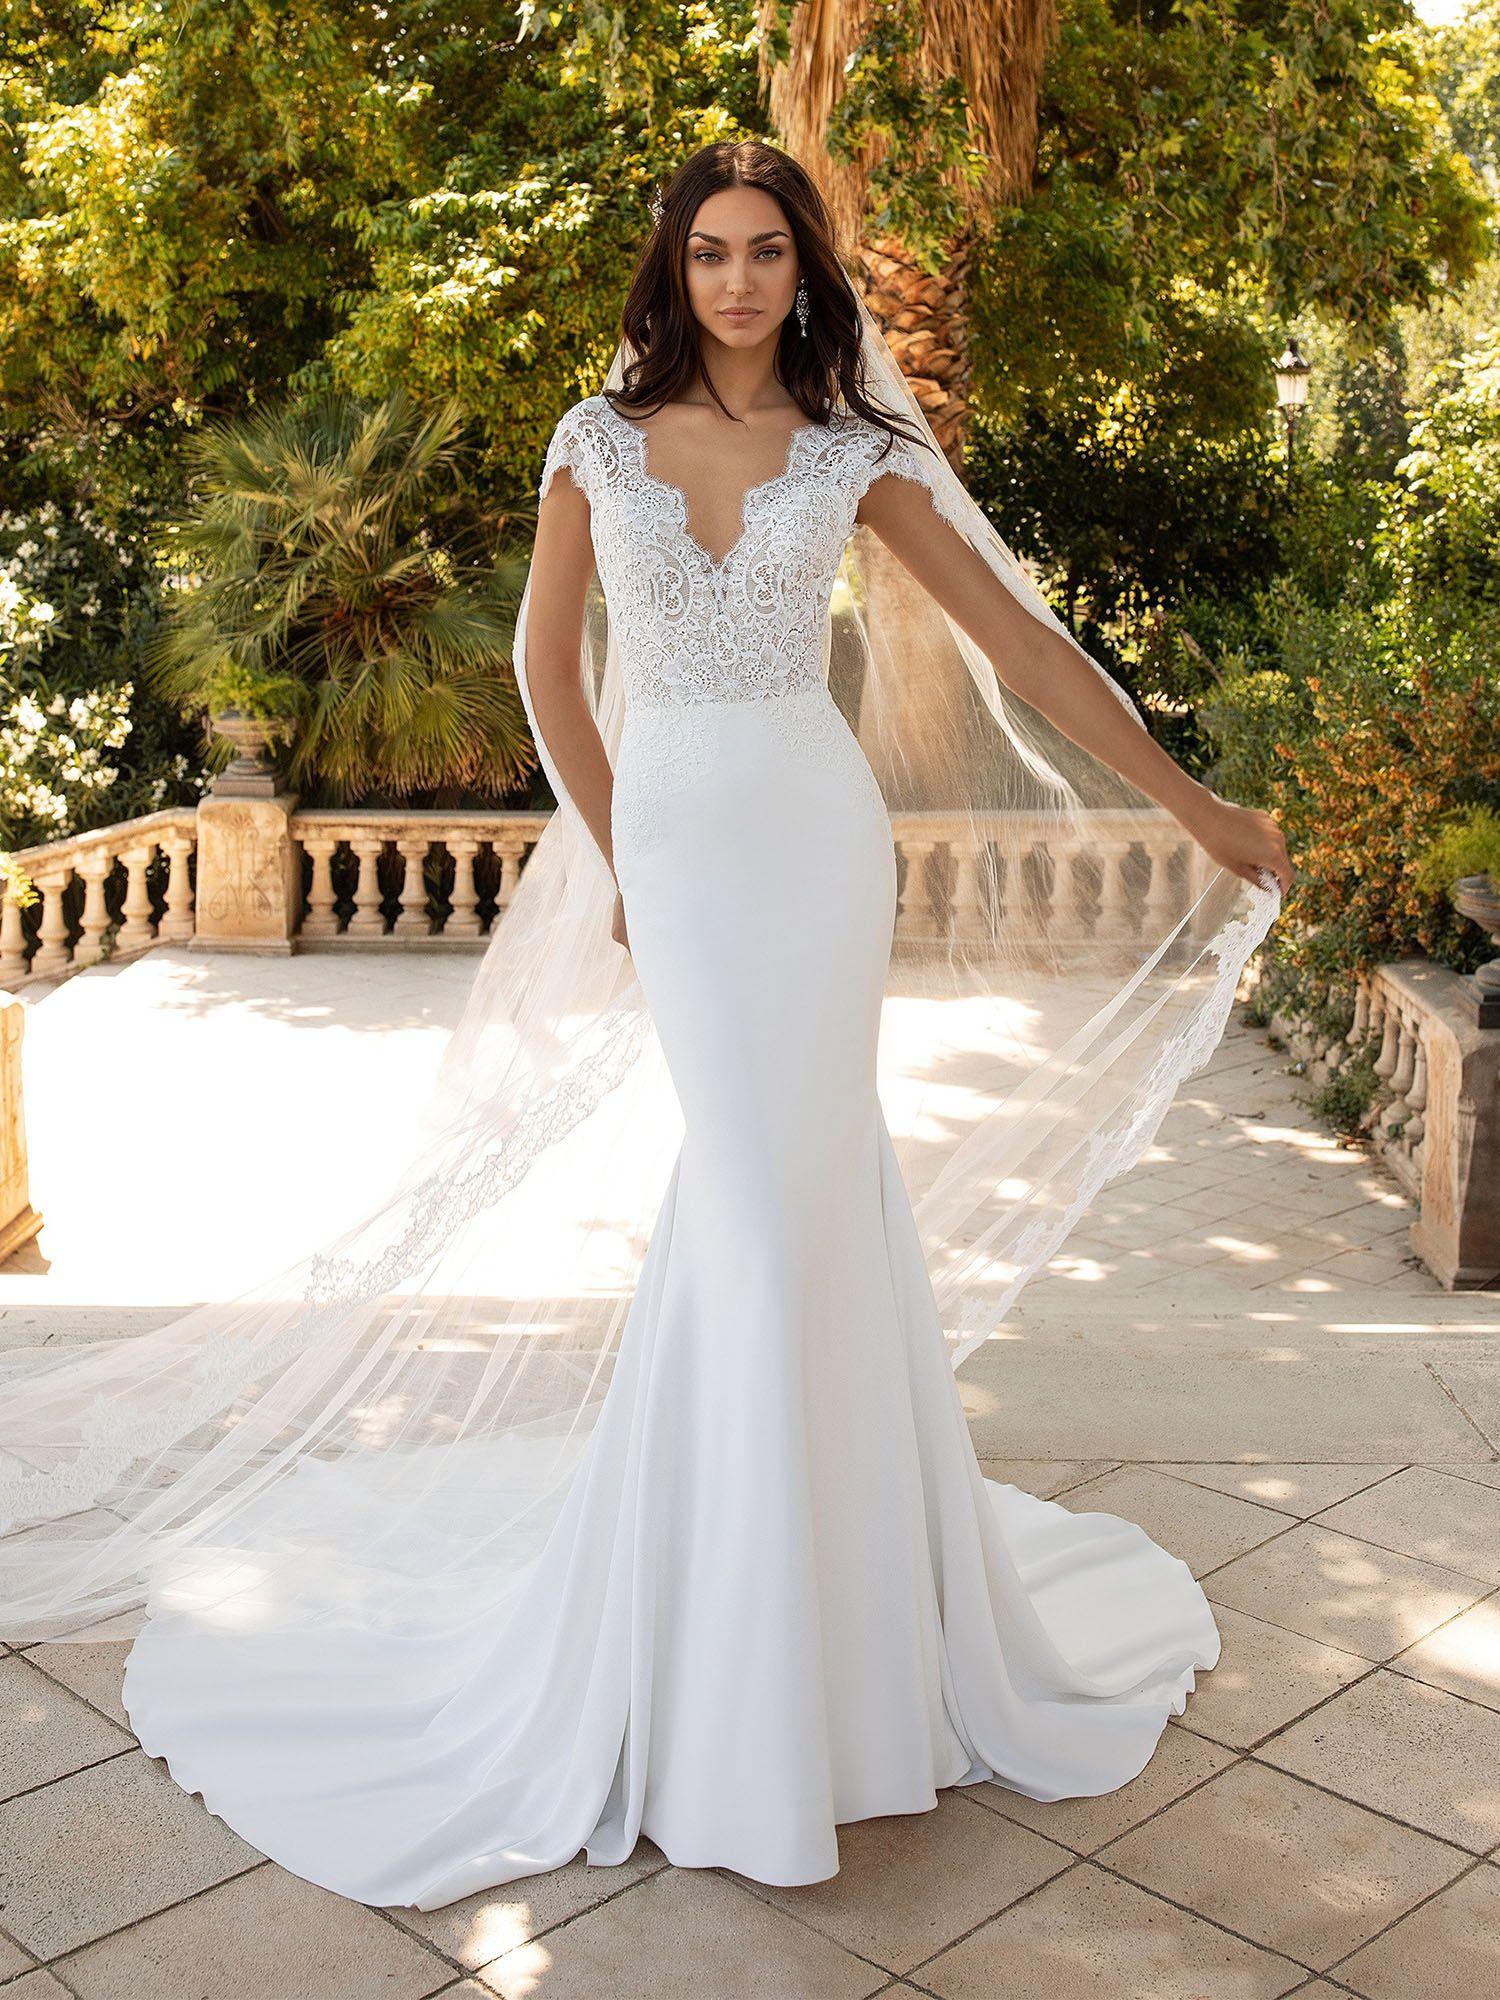 Dieses Brautkleid besticht durch sein zartes, paillettenverziertes